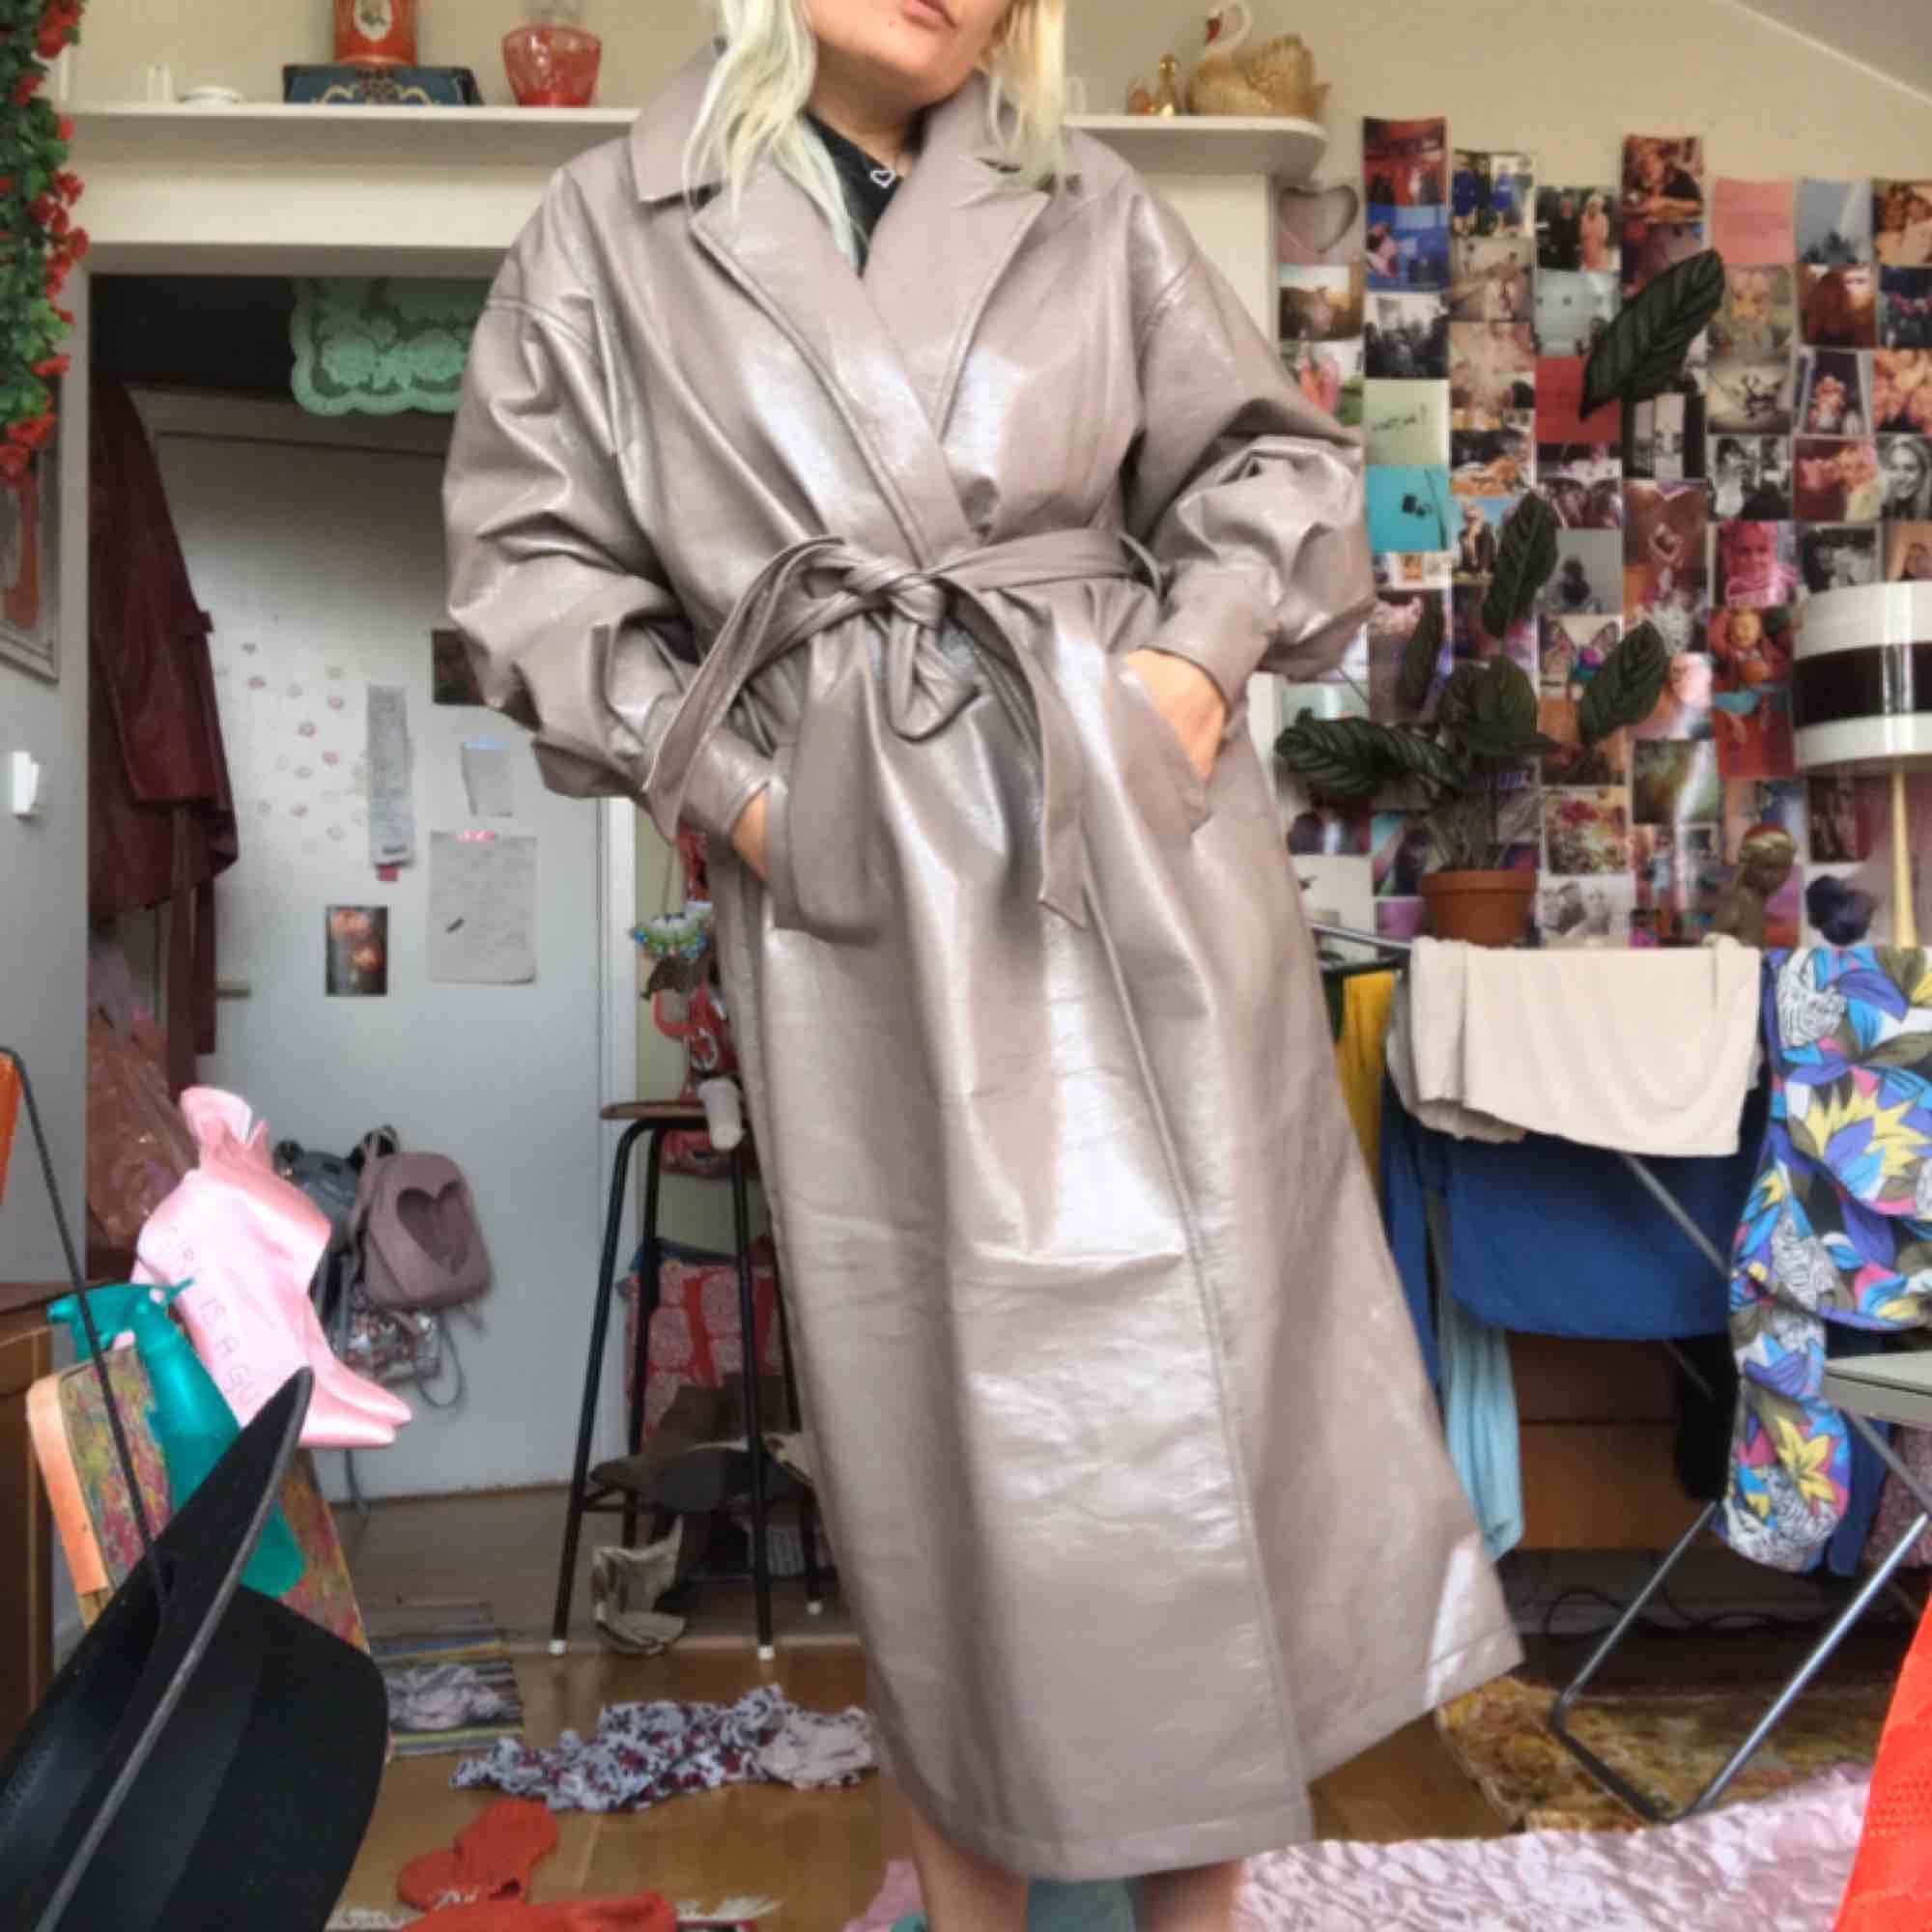 Nelly jubileum kollektions superfin trench coat i lack, slutsåld hos Nelly.com! Använd endast 1 gång. Nypris ca 900:- Storlek 38. DMa för köp, frakt tillkommer 💘 . Jackor.